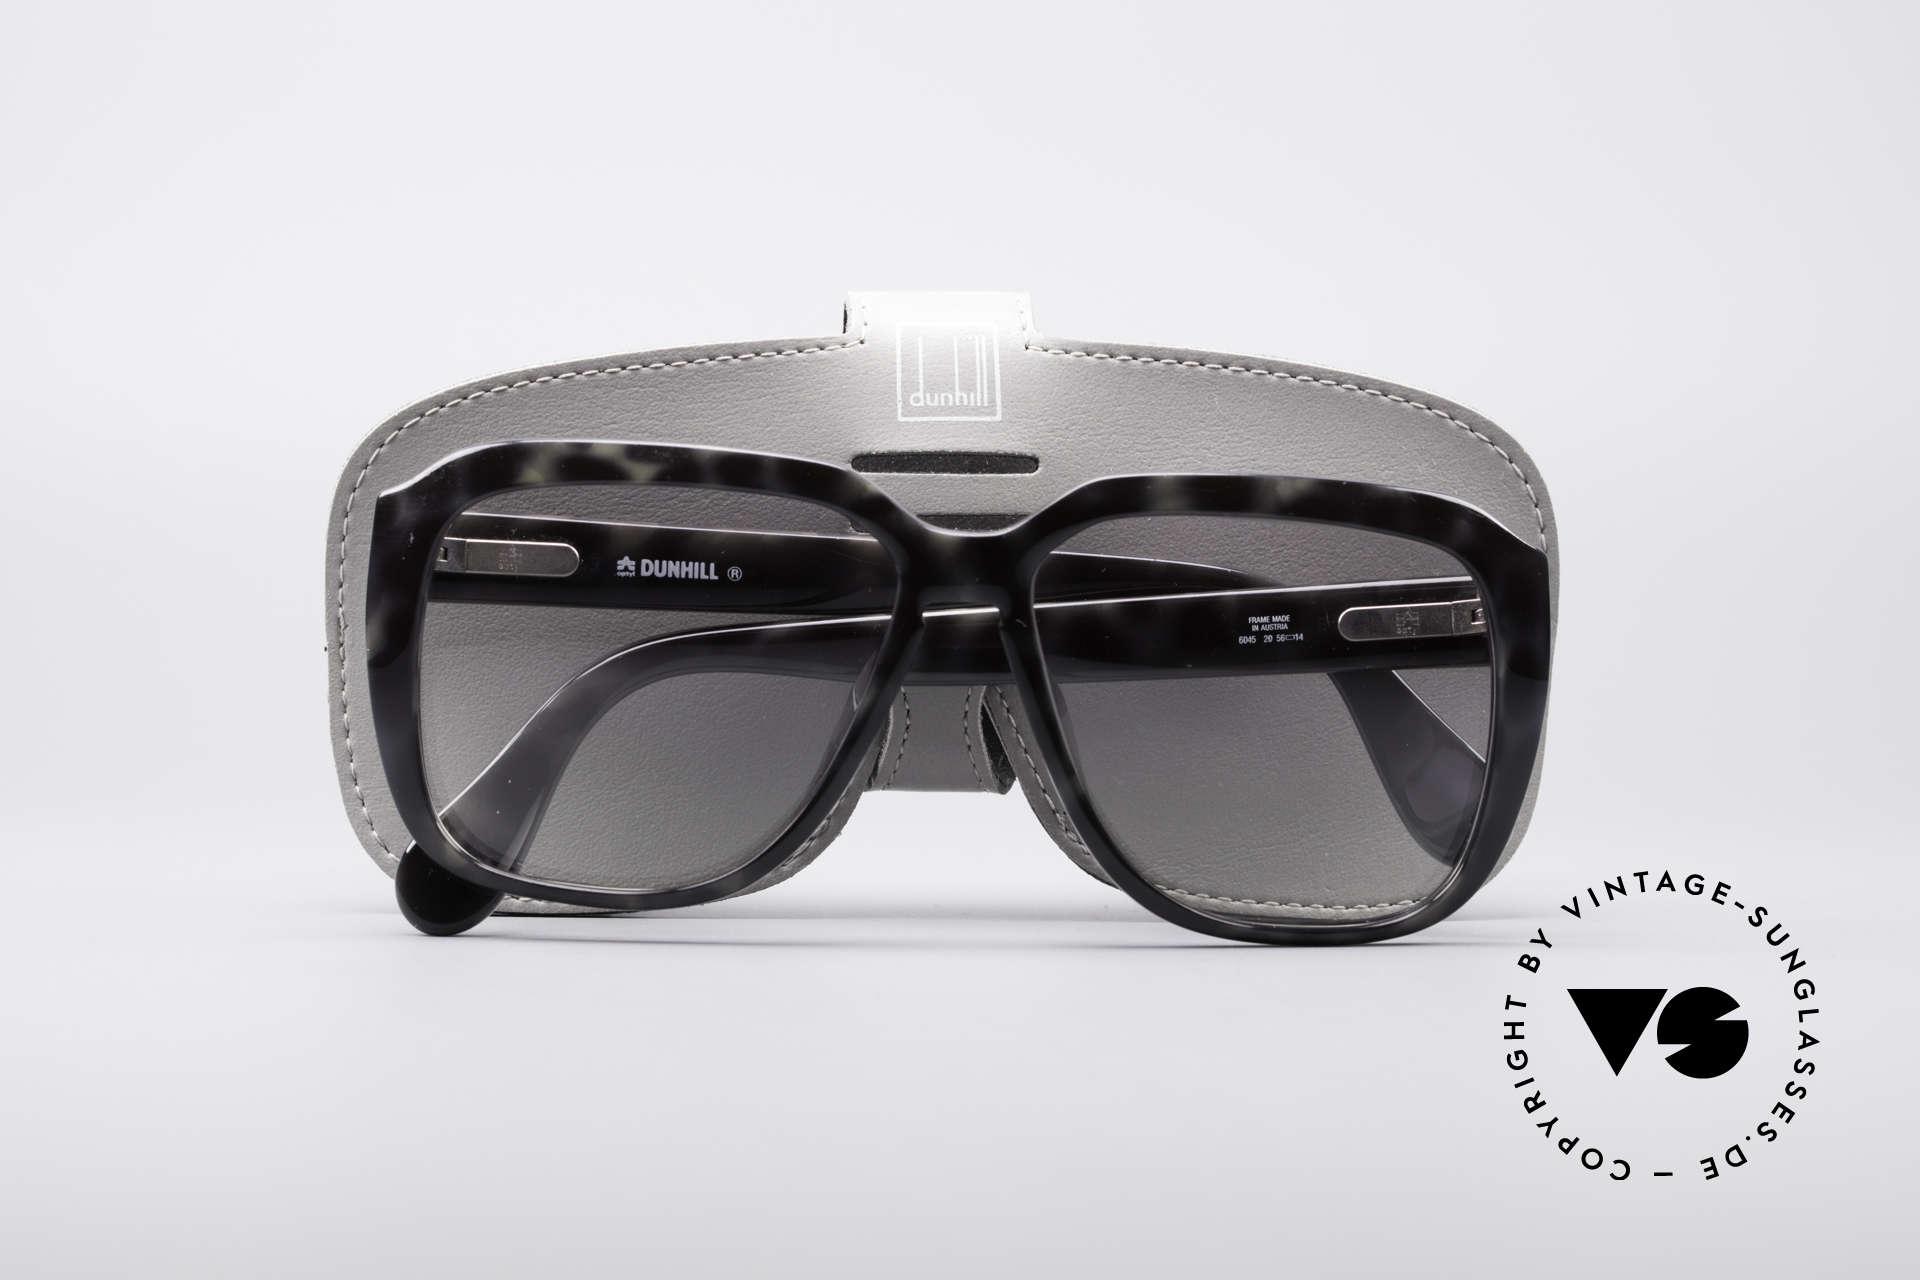 Dunhill 6045 80er Optyl Sonnenbrille, ungetragen (wie alle unsere vintage Sonnenbrillen), Passend für Herren